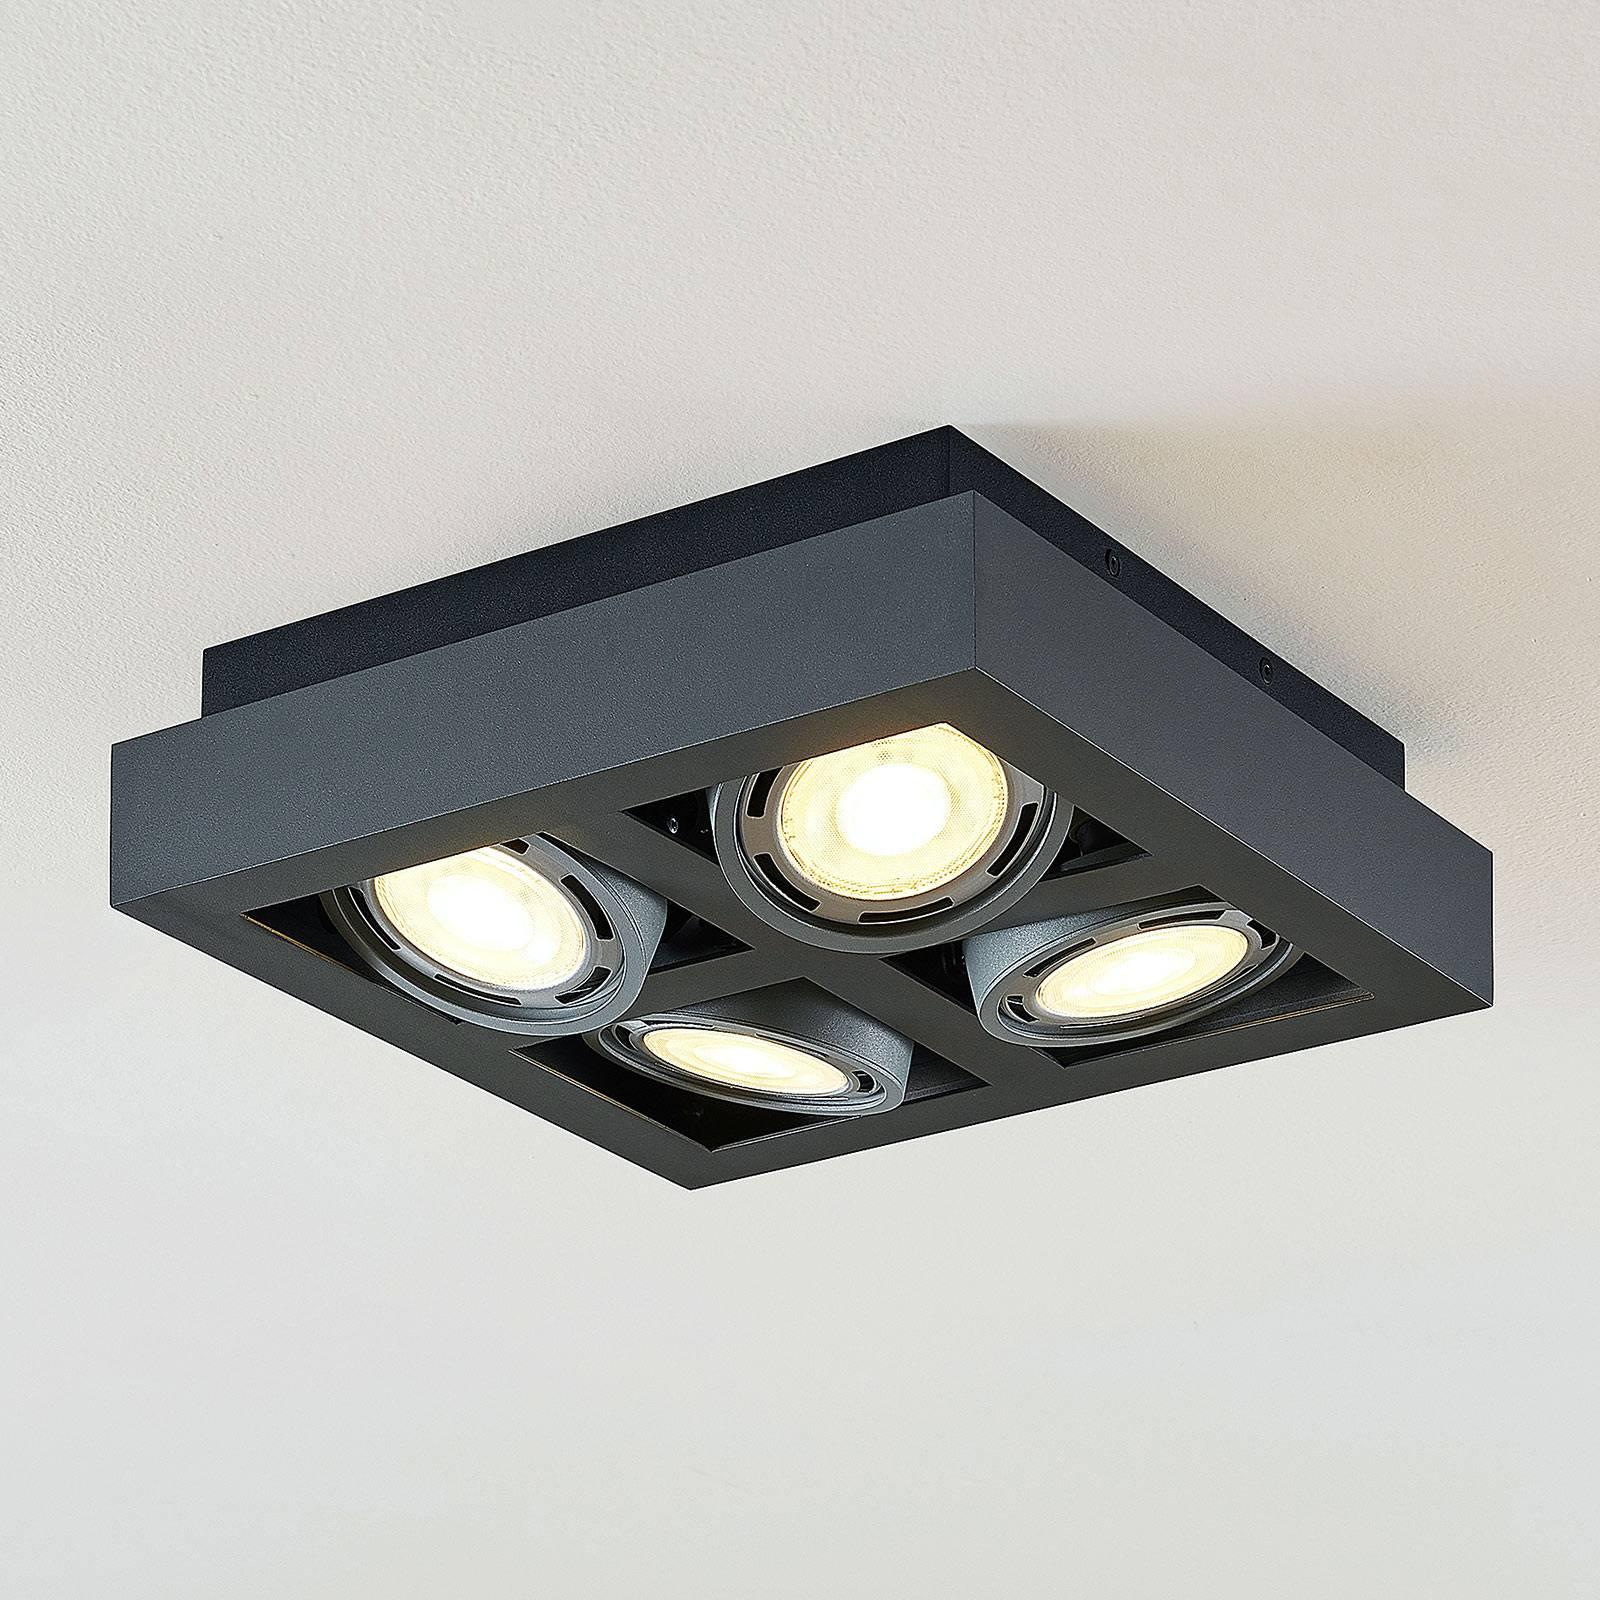 LED-kattokohdevalo Ronka, 4-lampp. neliö harmaa